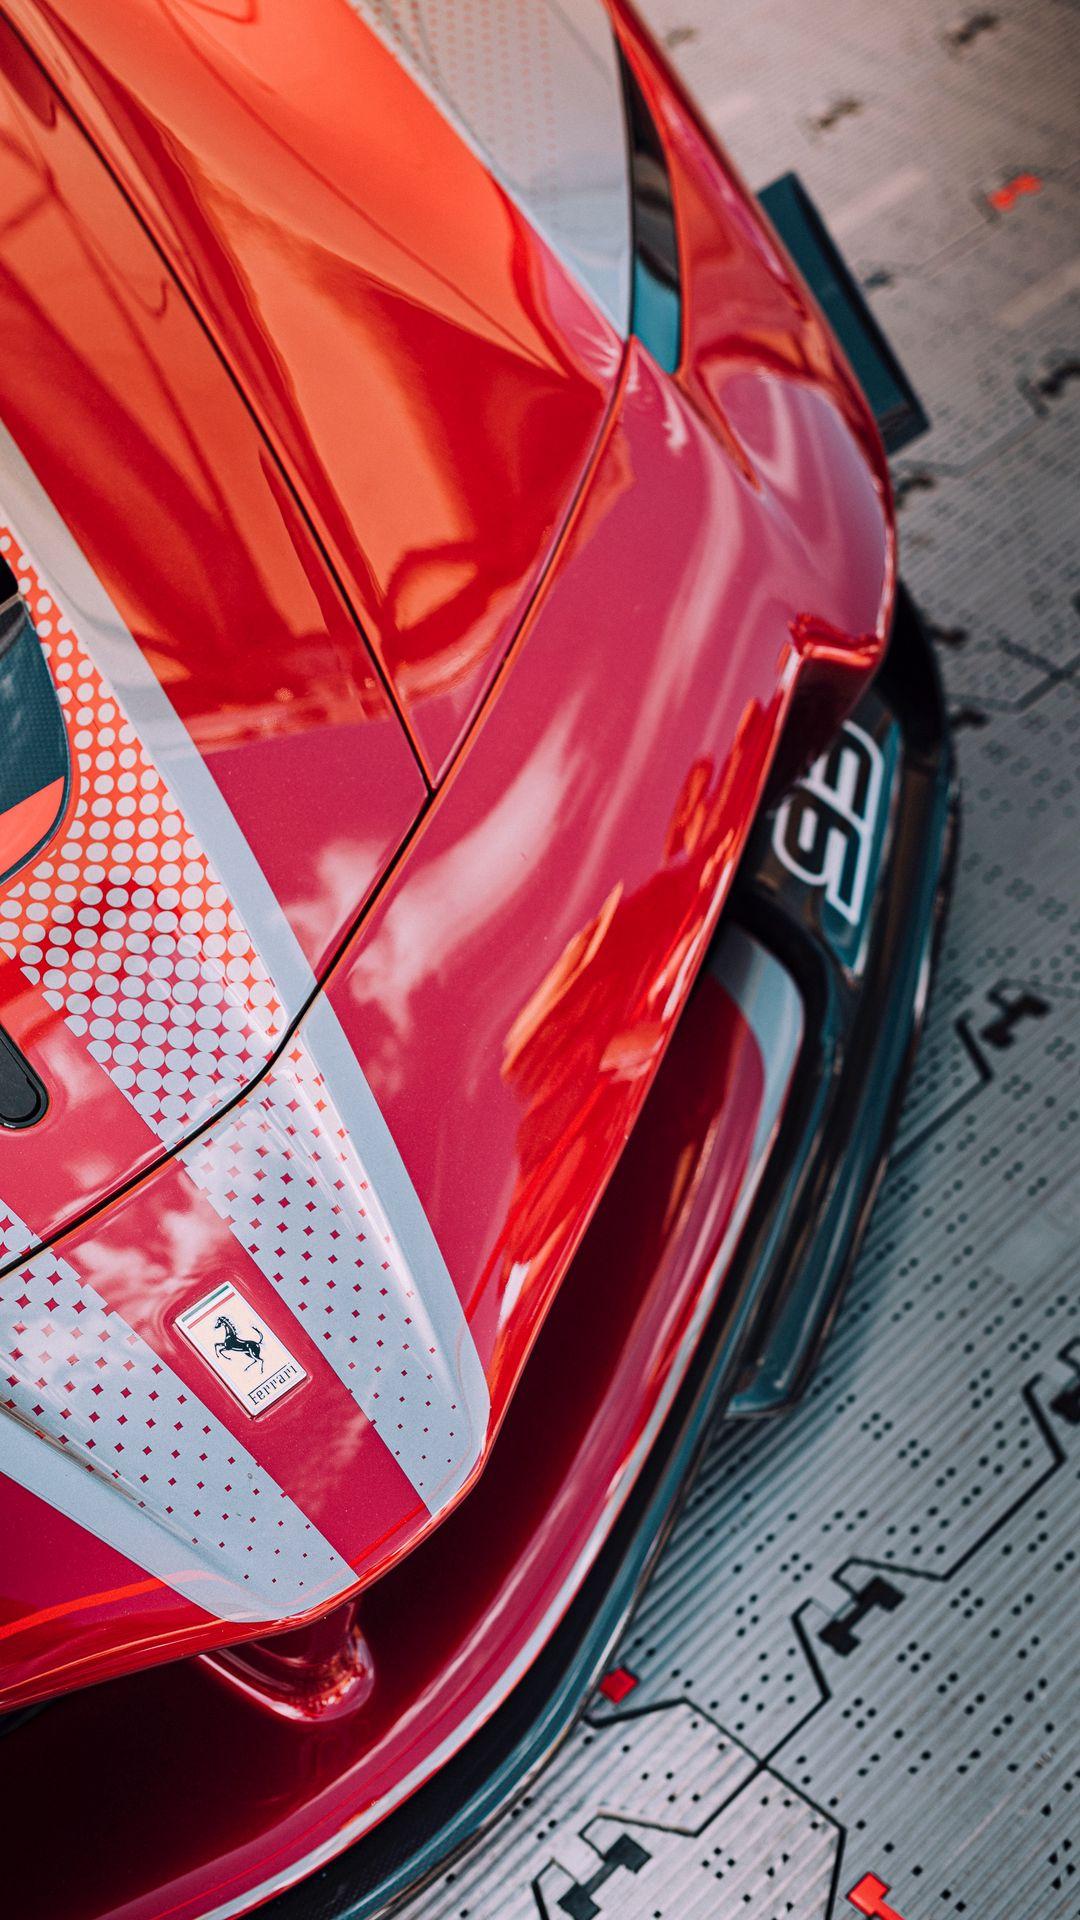 Ferrari Sportscar Wallpapers for Mobile